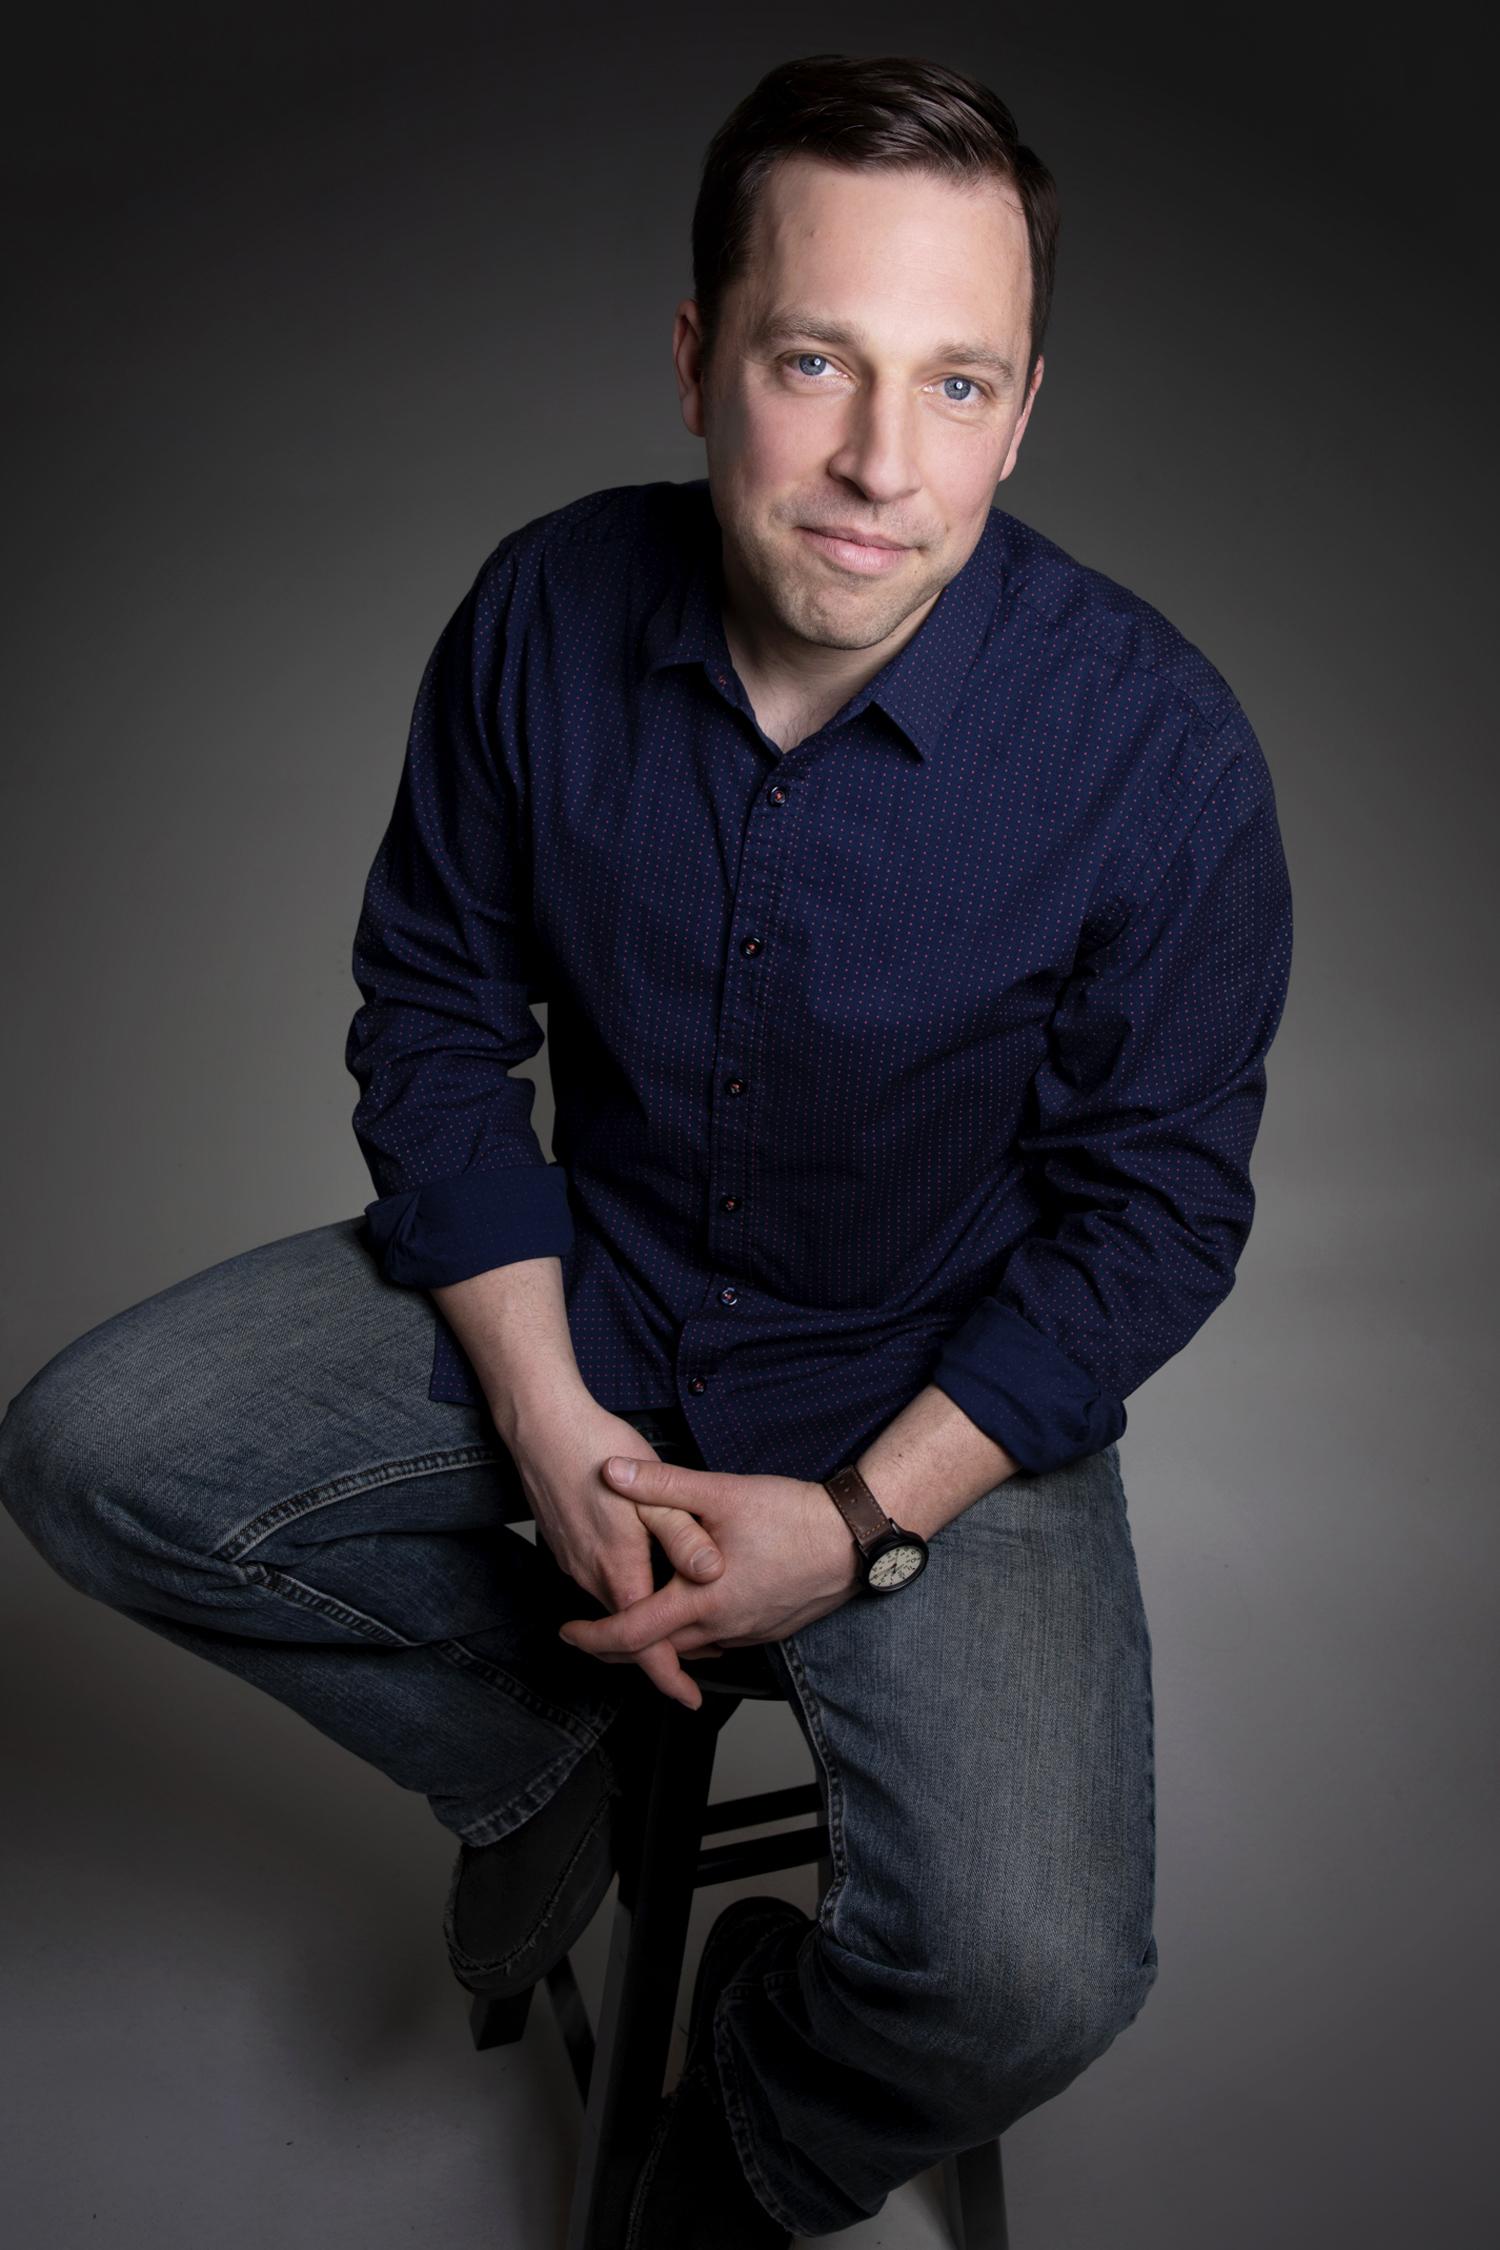 Daniel Rowen, M.A., LPC